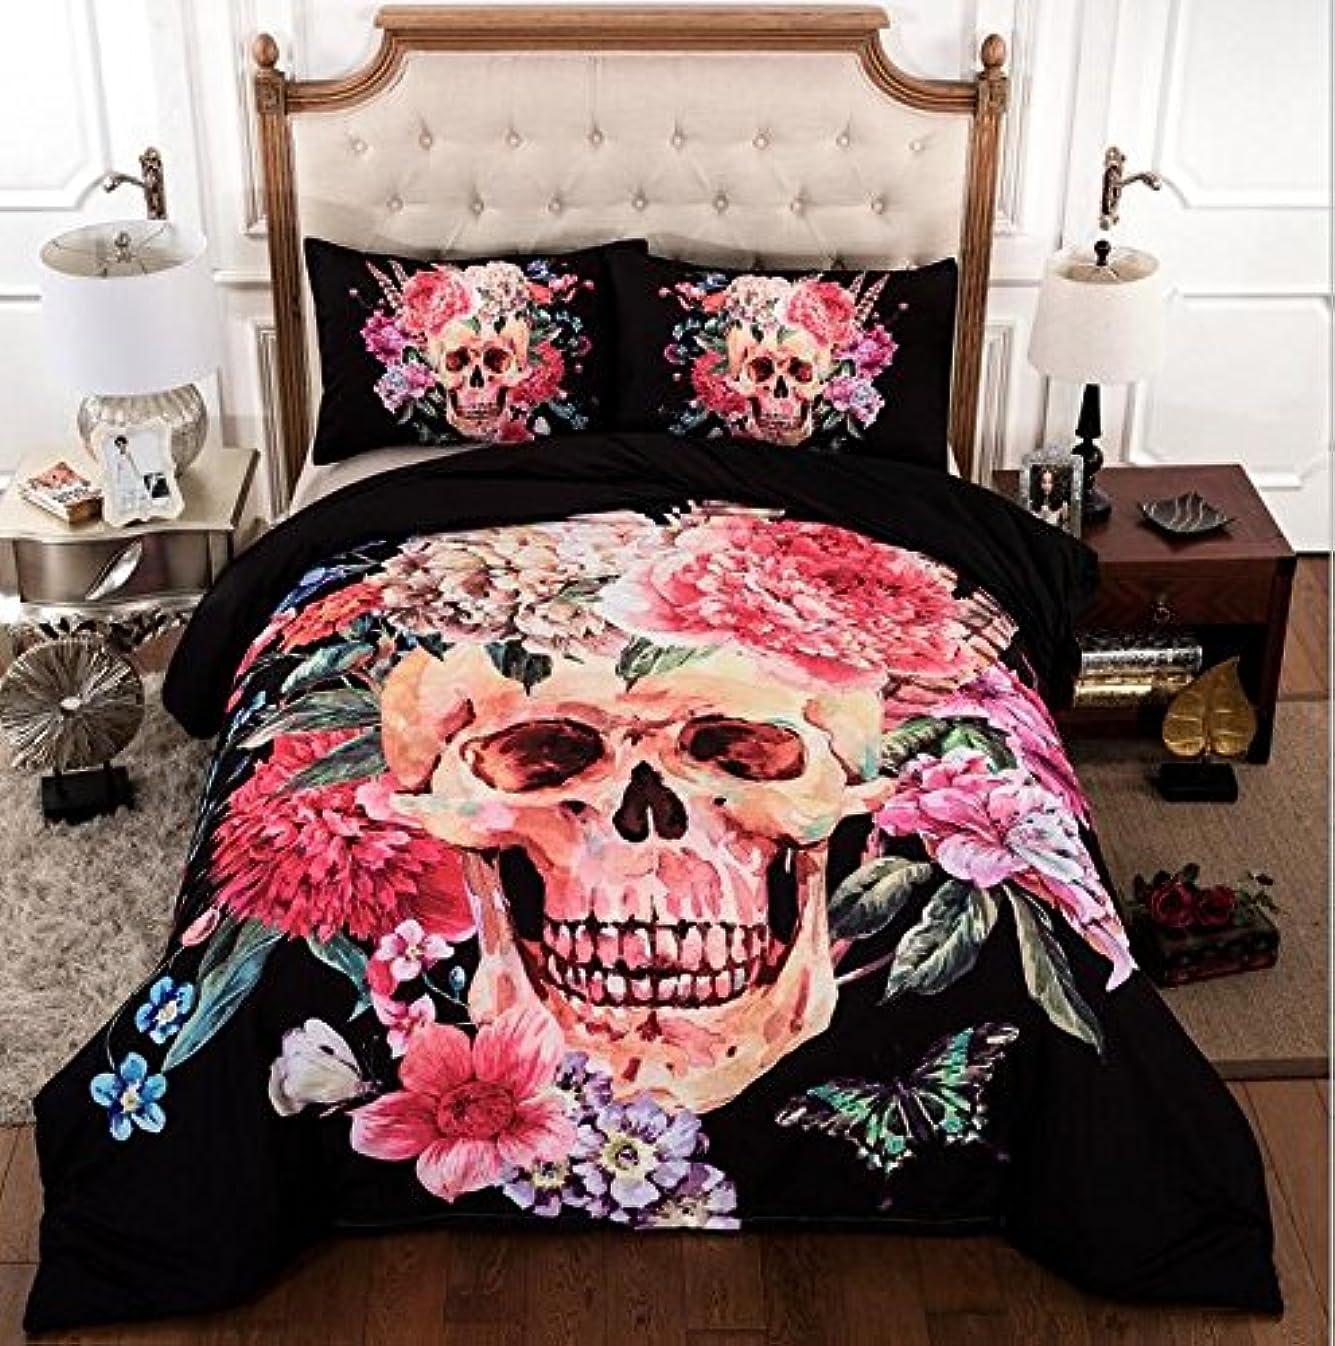 不誠実ランチ周辺信頼Blooming Flower on Skull印刷3d寝具セット100?%コットンハロウィン布団カバー掛け布団セット ツイン